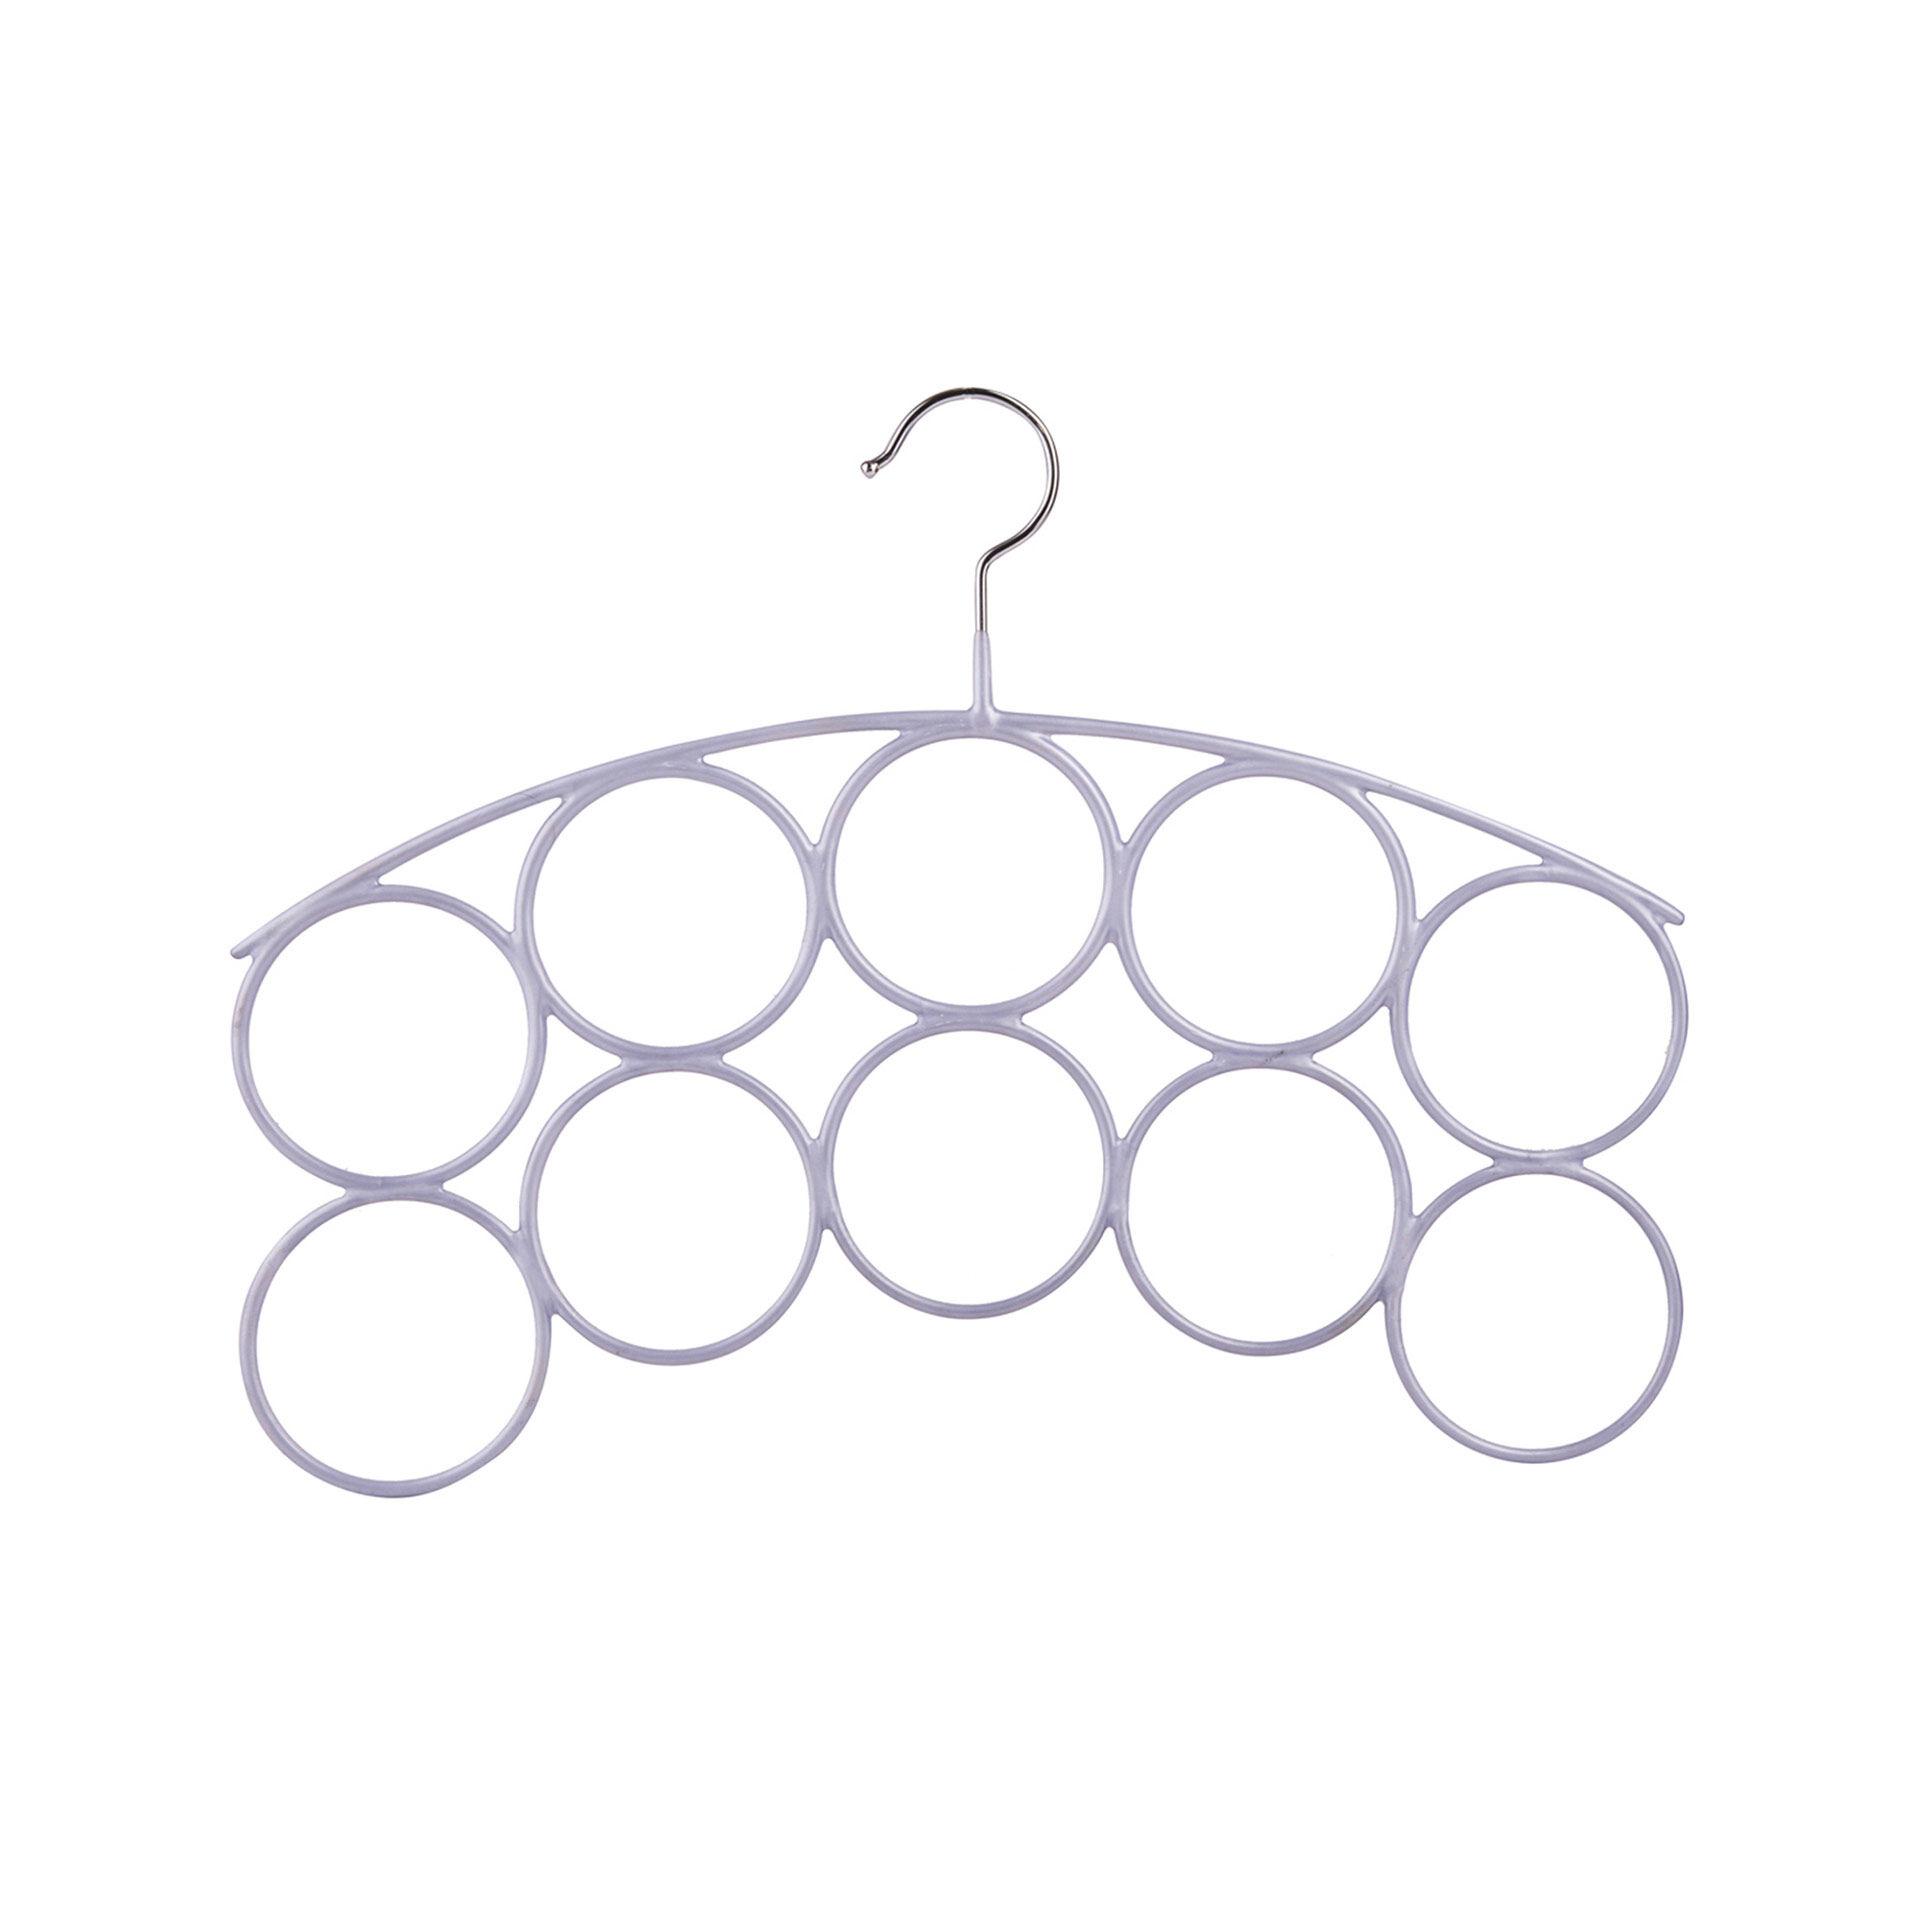 Cintre gain de place pour foulards, , large